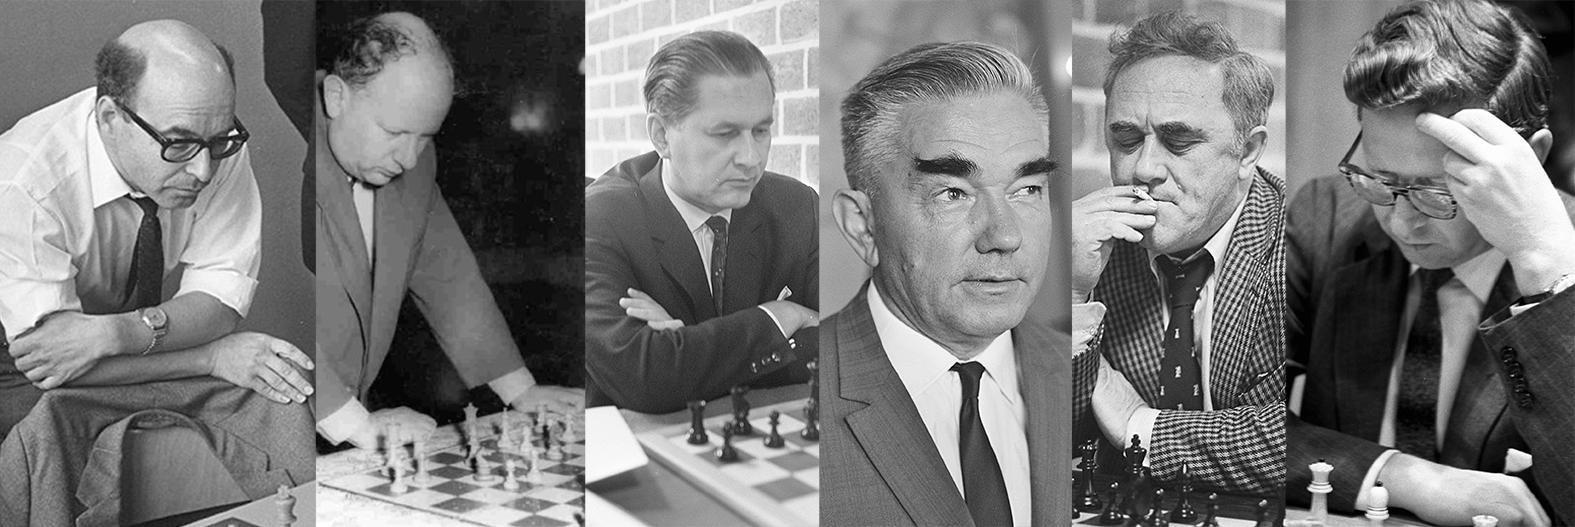 A Helsinki sakkolimpián nyertes szovjet válogatott sakkozói balról jobbra: David Bronstejn, Iszaak Boleszlavszkij, Paul Keres, Alekszander Kotov, Jefim Geller és Vaszilij Szmiszlov #moszkvater